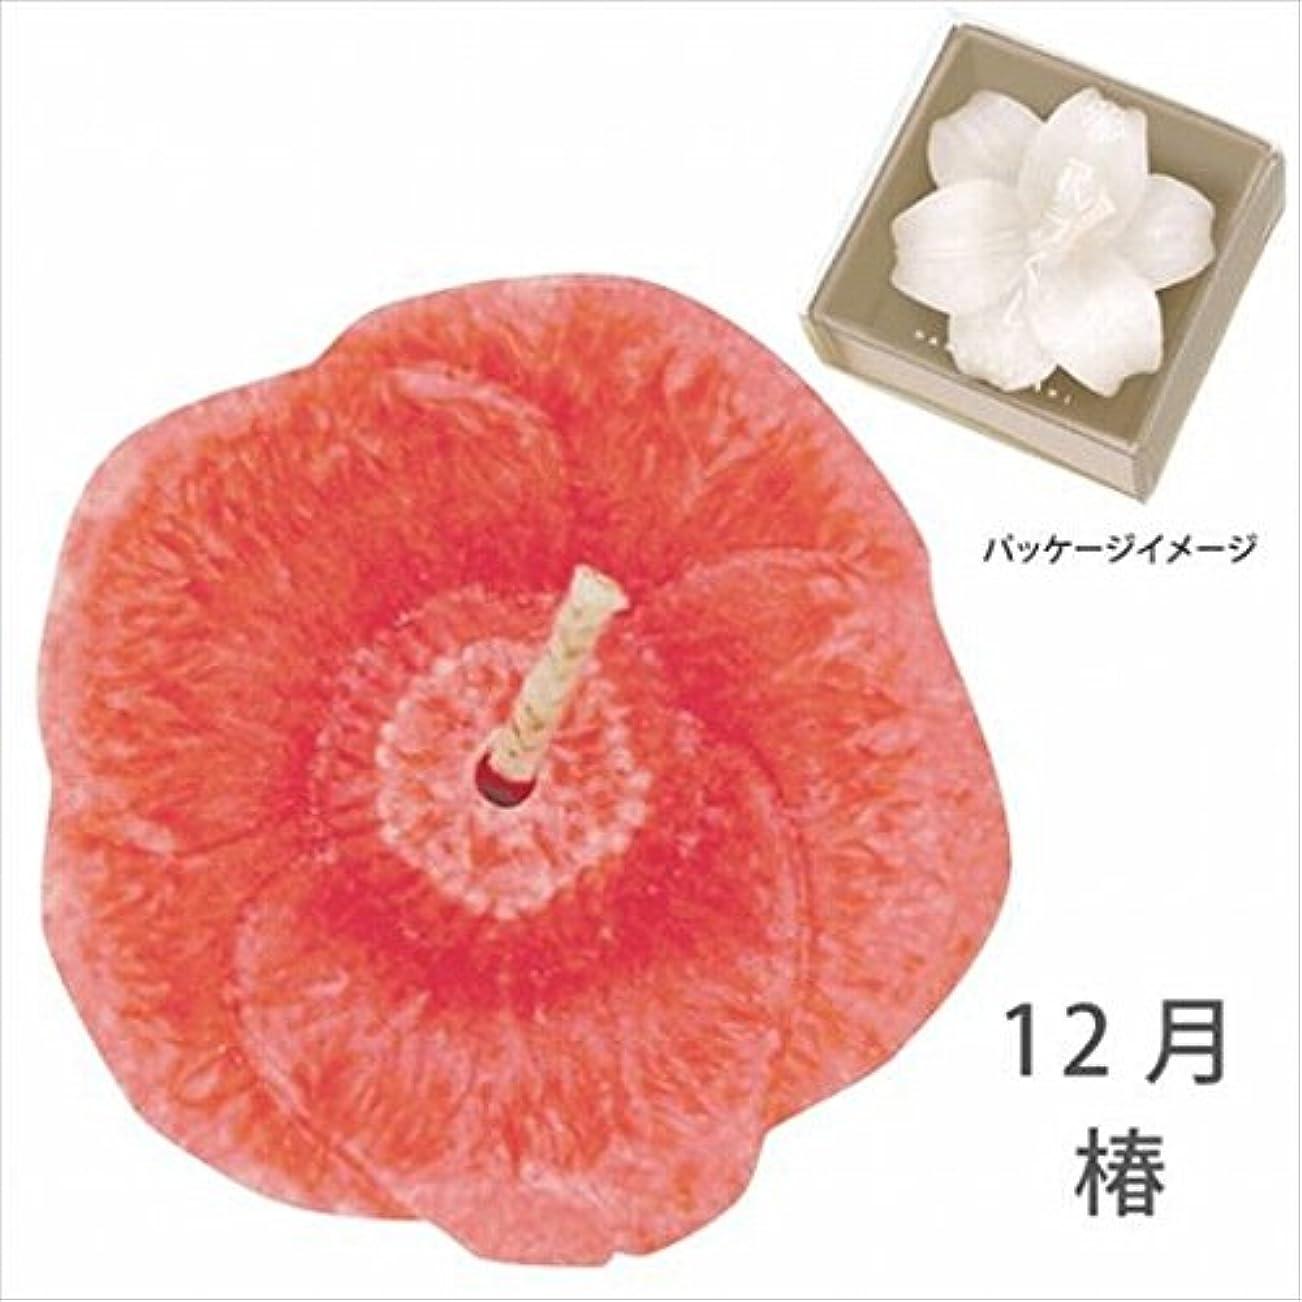 誠実さ会社生まれカメヤマキャンドル( kameyama candle ) 花づくし(植物性) 椿 「 椿(12月) 」 キャンドル